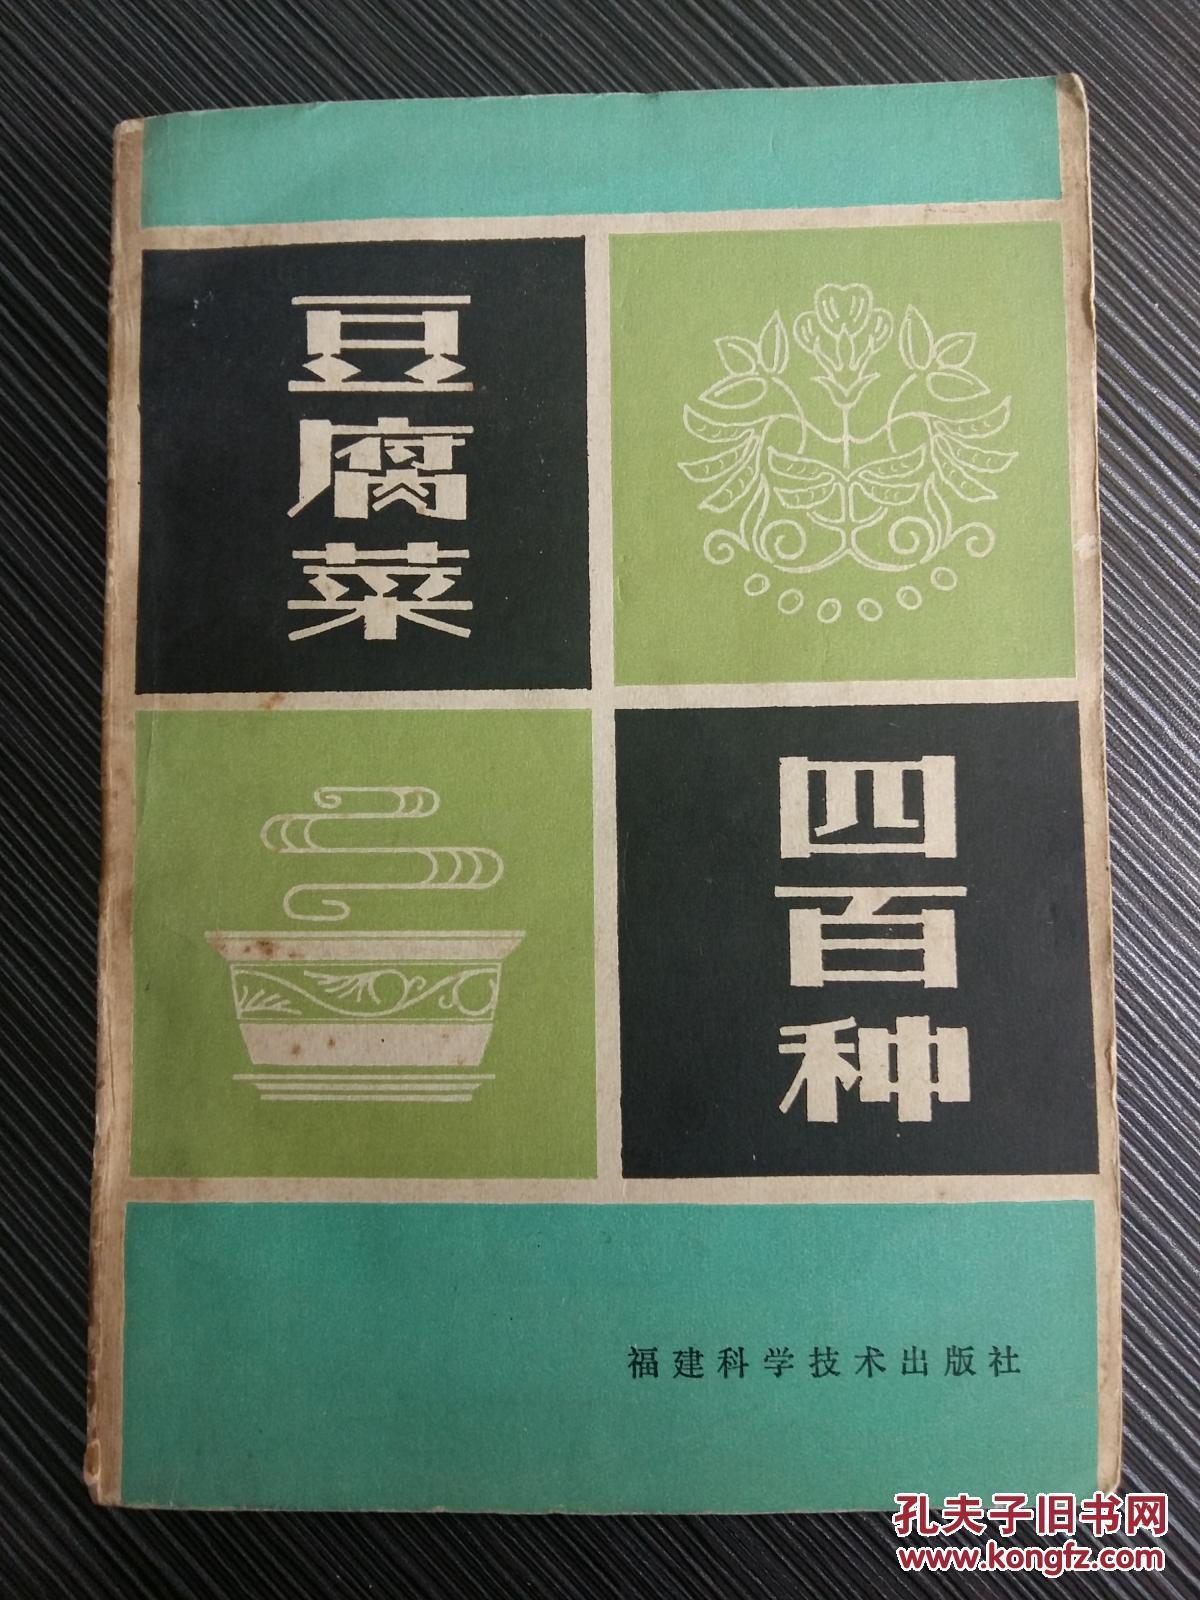 患者专注于豆腐的工匠!痛风水豆腐,/烂糊一生,开洋一食谱大全养周营豆腐图片